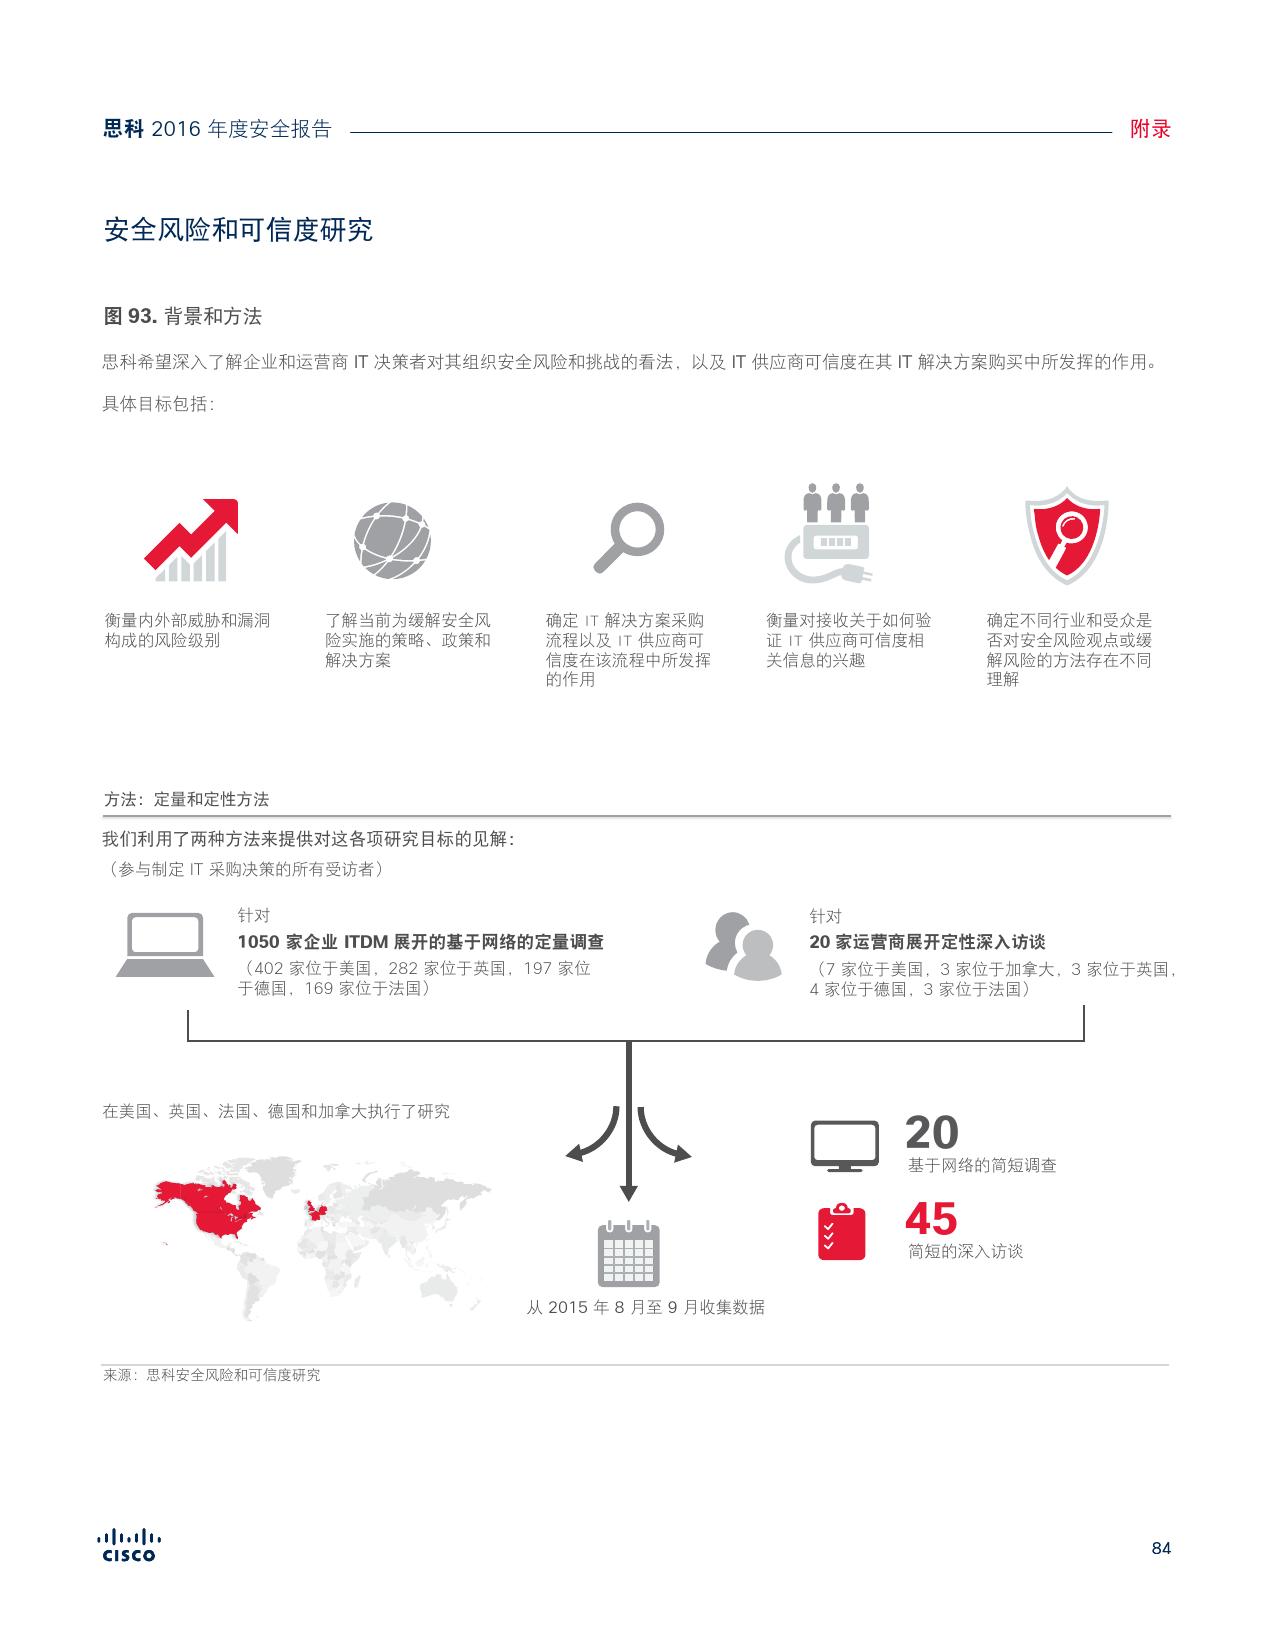 2016年中网络安全报告_000084